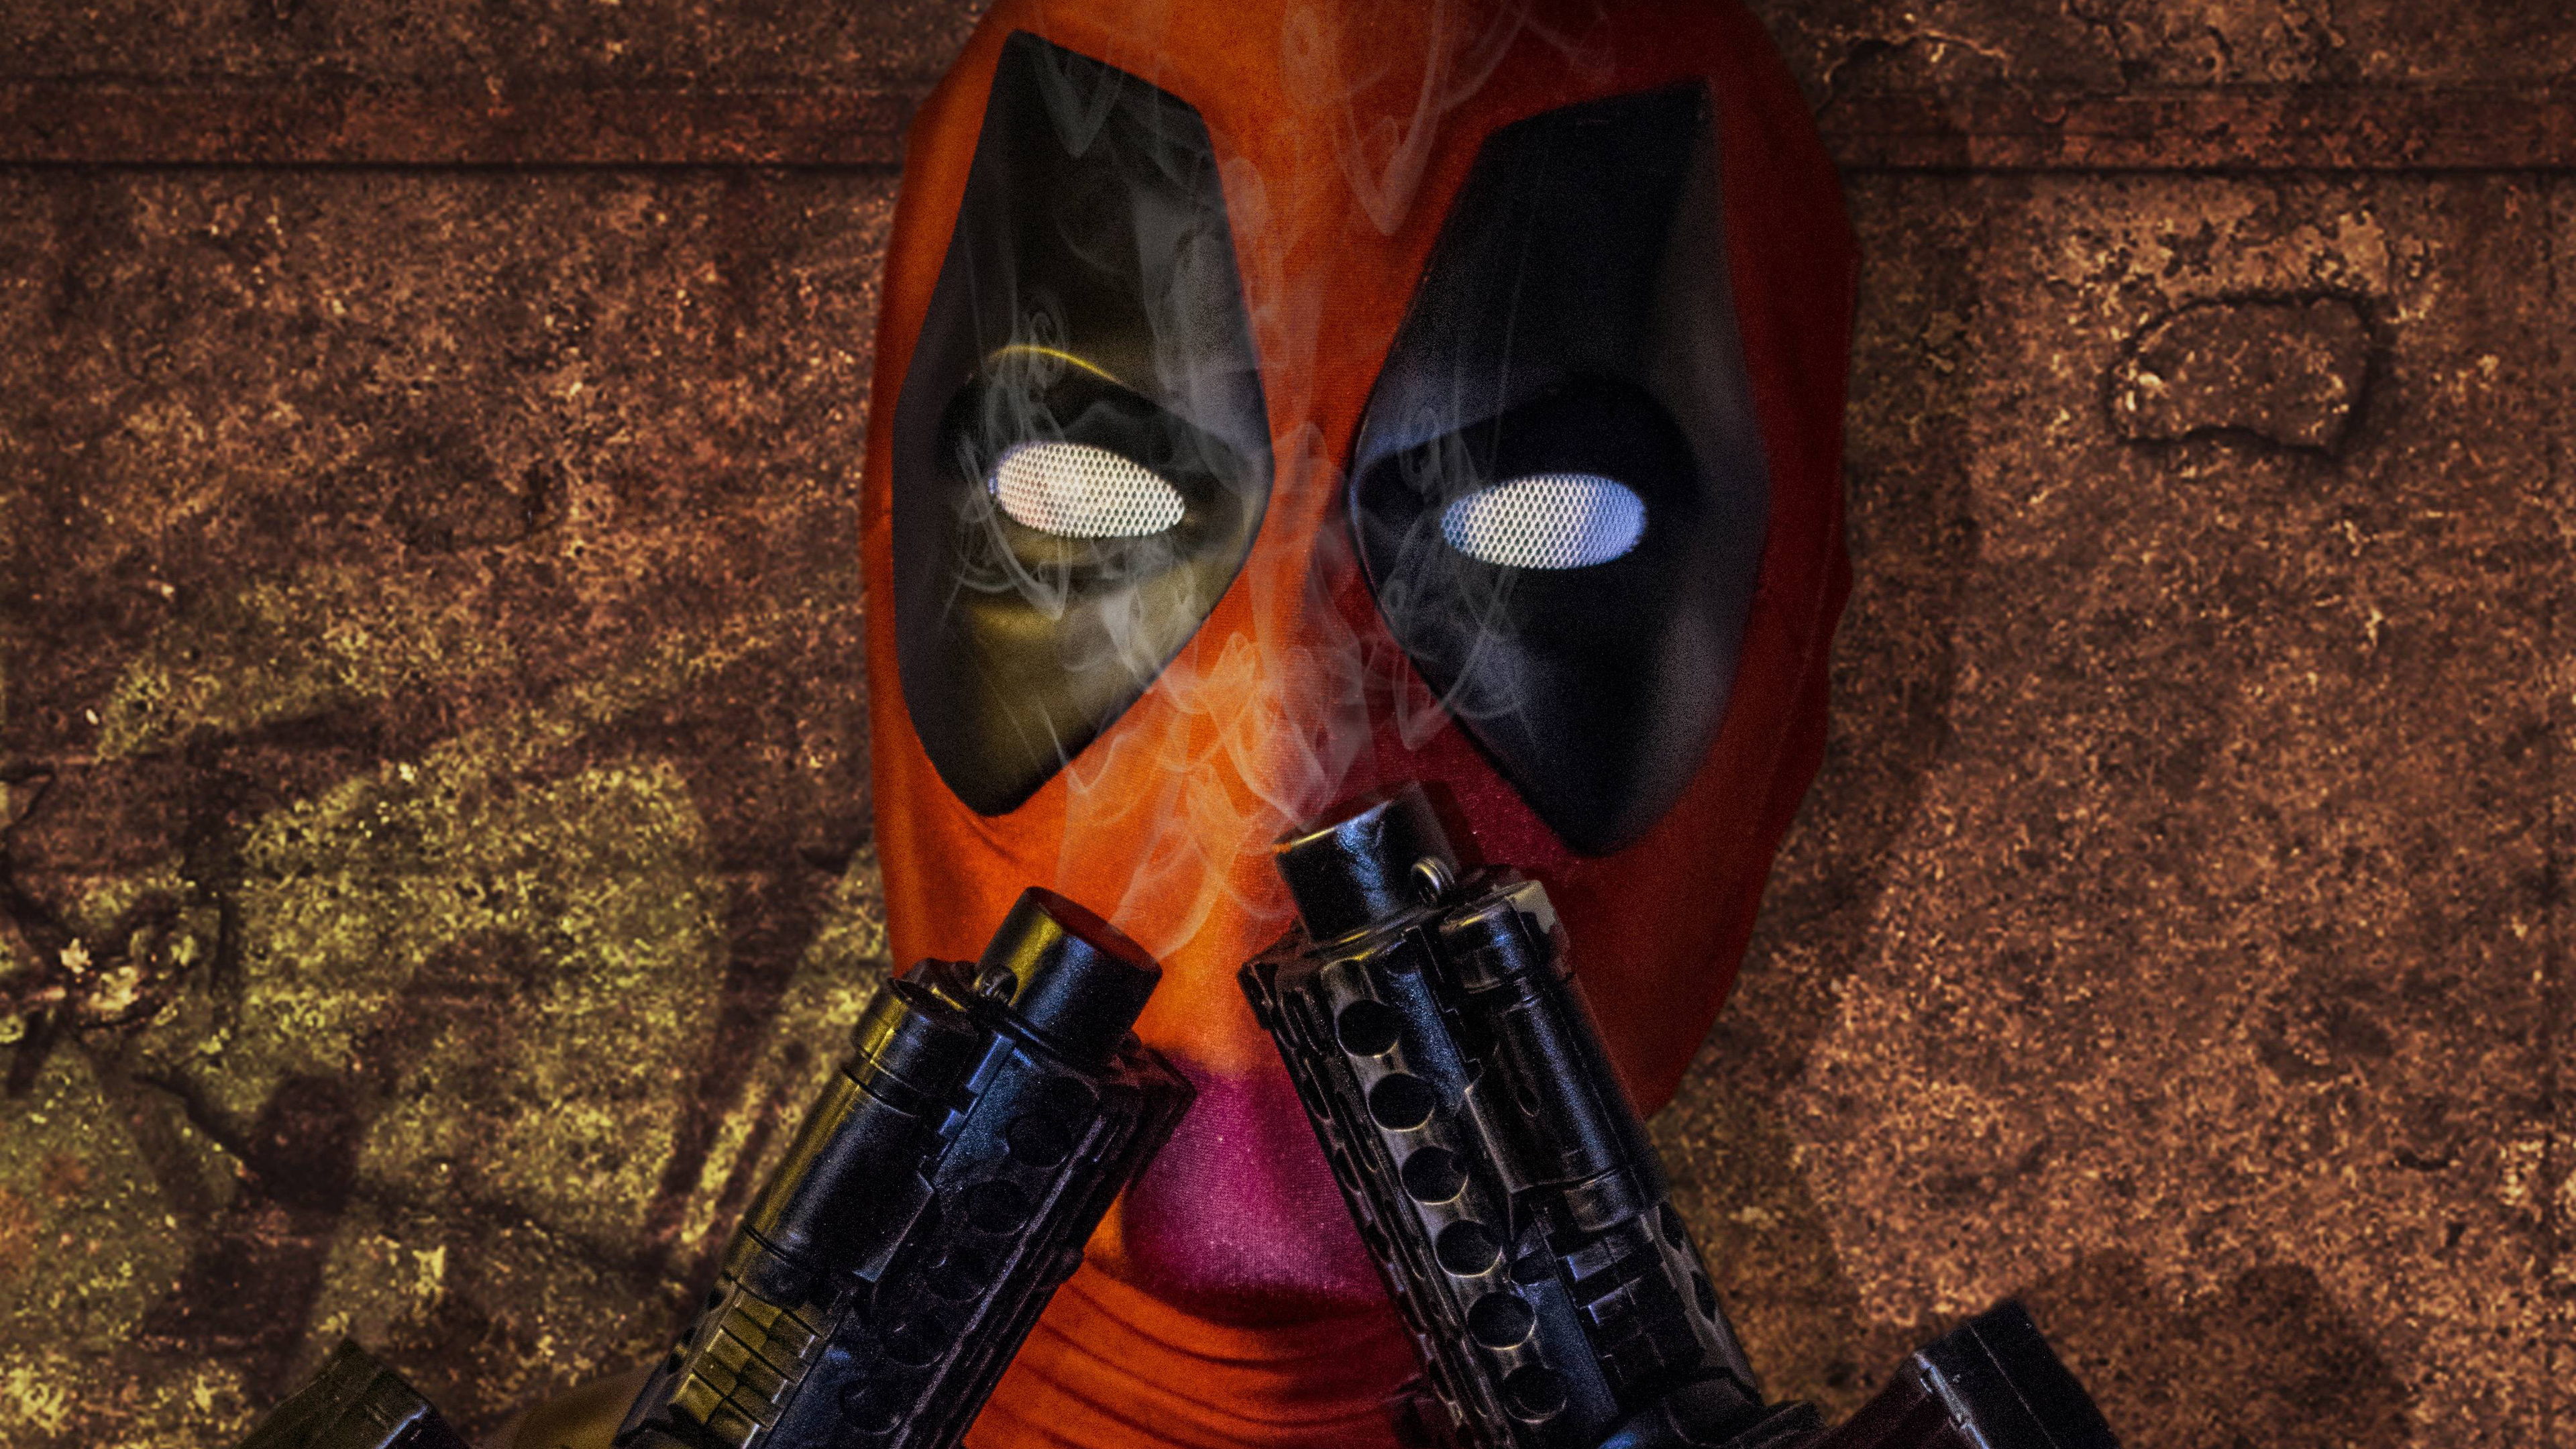 deadpool cosplay 4k 1546276350 - Deadpool Cosplay 4k - superheroes wallpapers, hd-wallpapers, deadpool wallpapers, cosplay wallpapers, 5k wallpapers, 4k-wallpapers